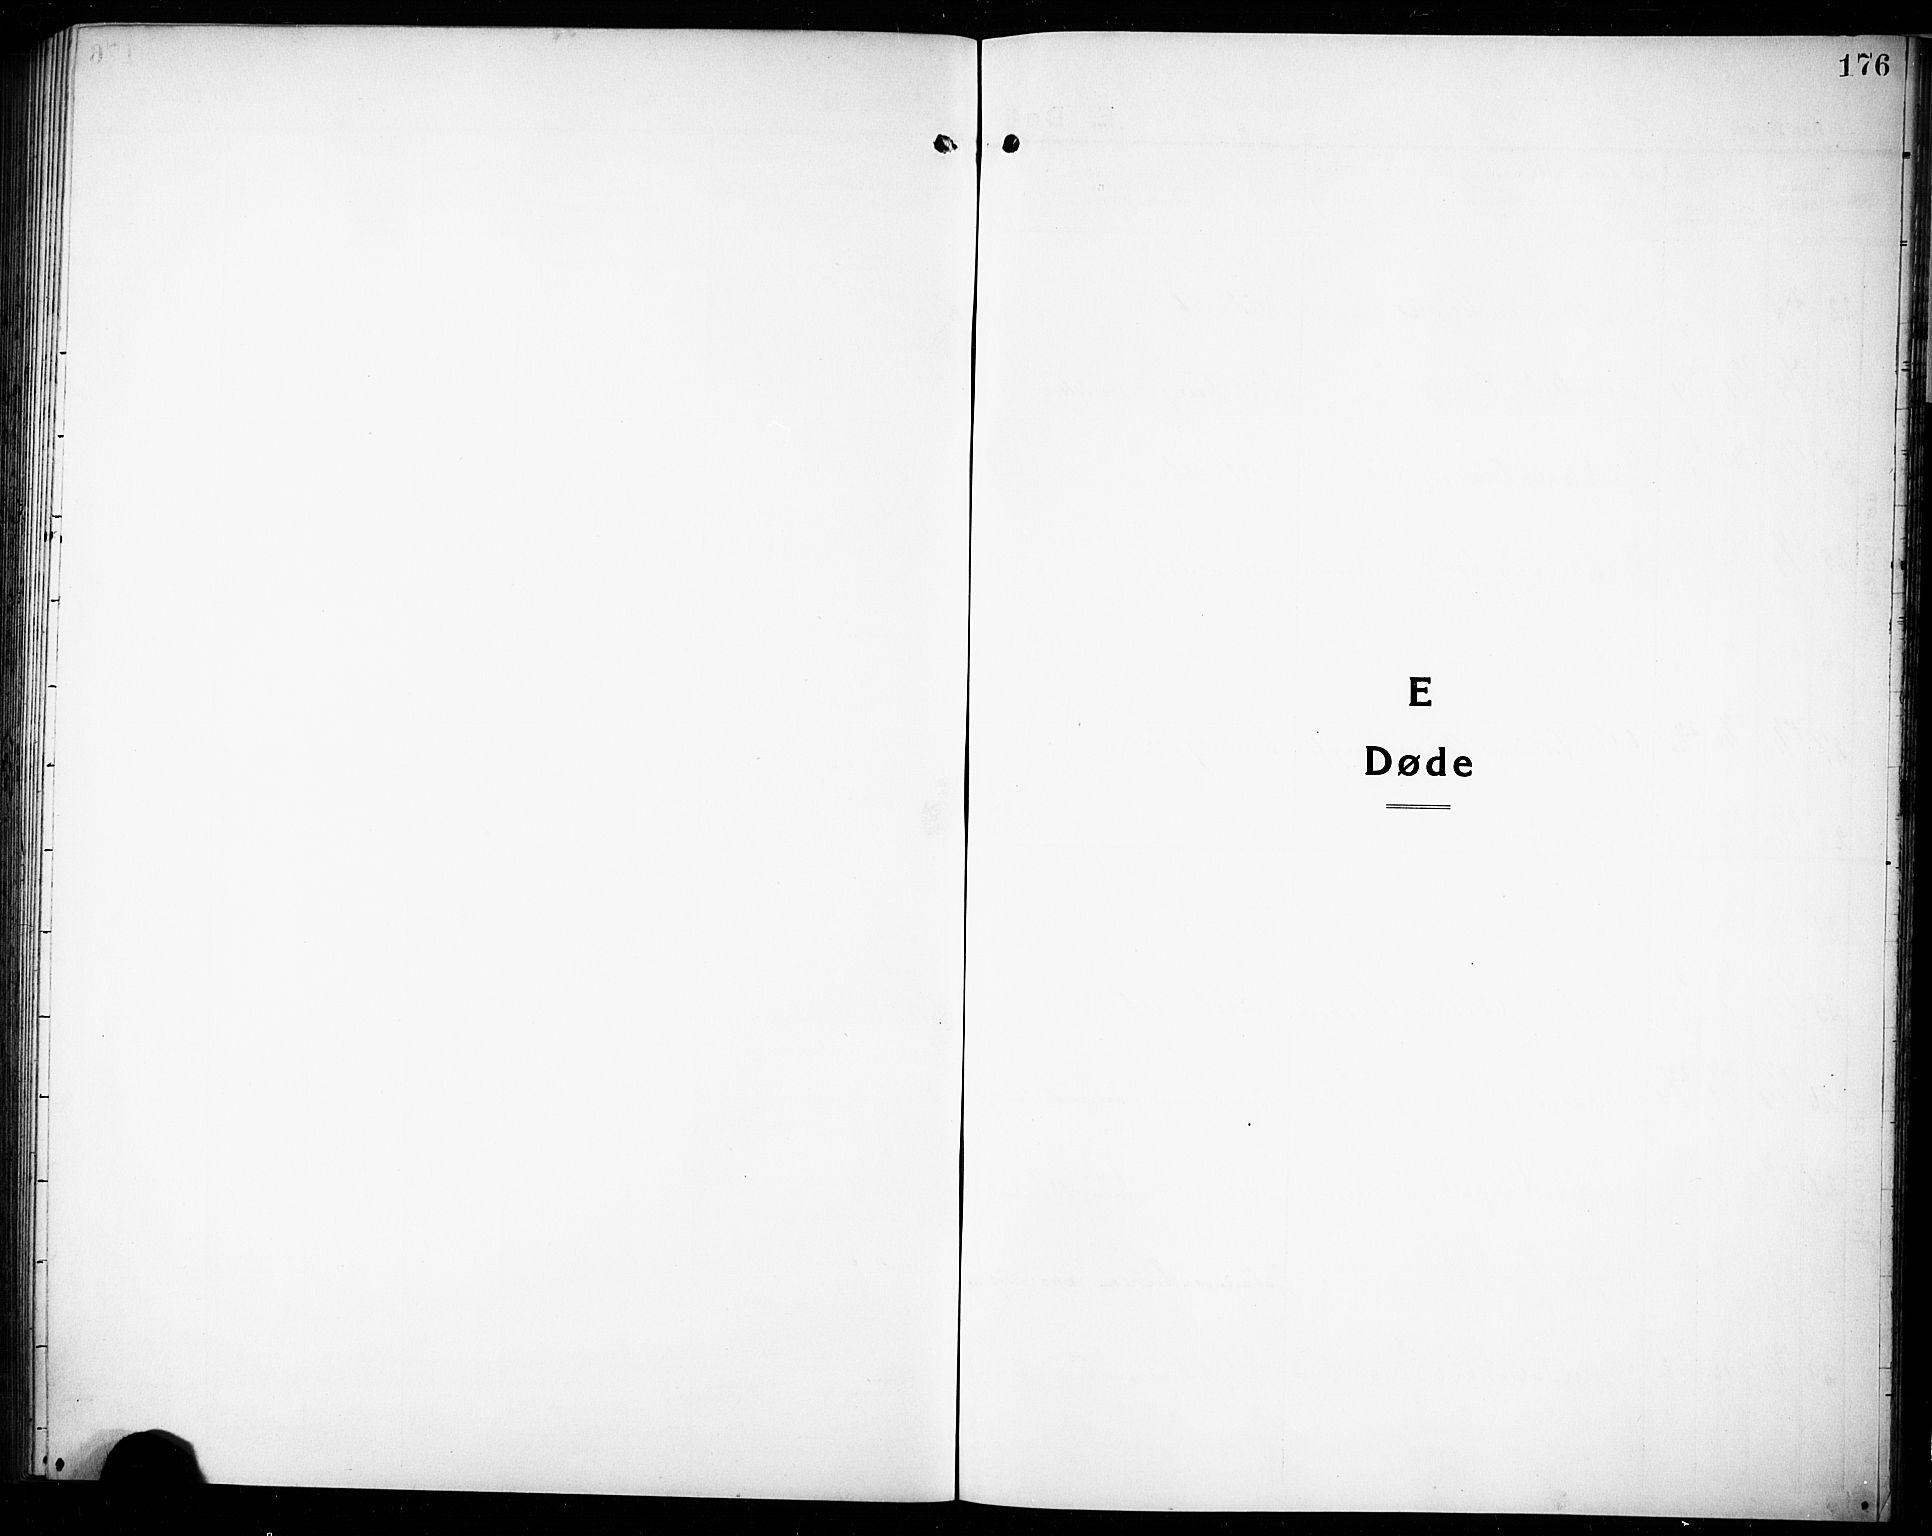 SAKO, Rjukan kirkebøker, G/Ga/L0003: Klokkerbok nr. 3, 1920-1928, s. 176